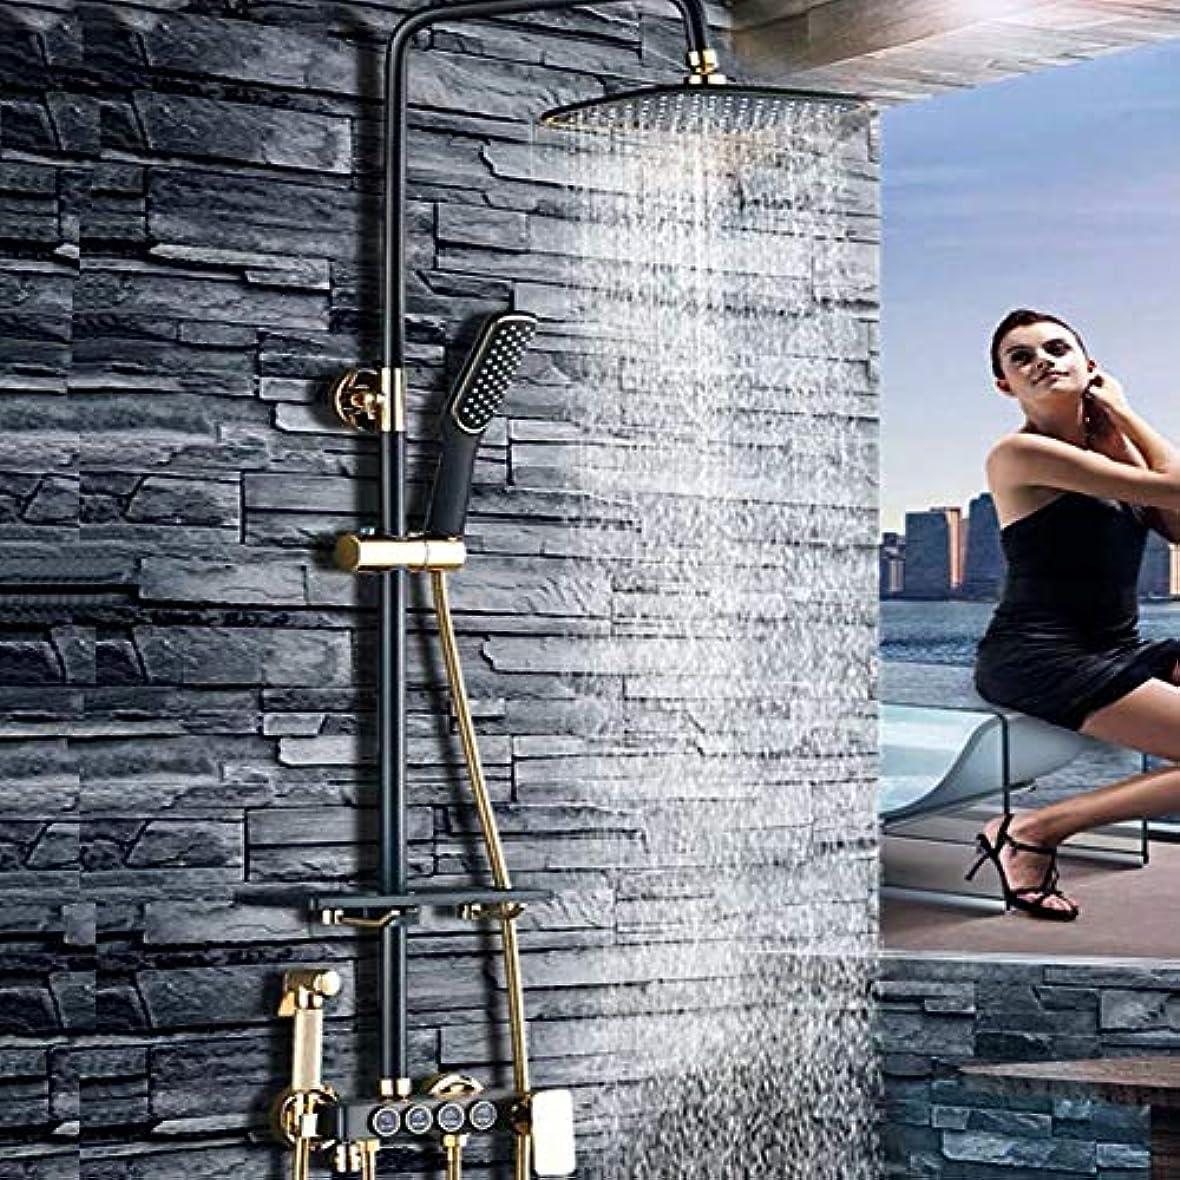 刈る本能これまでブラックシャワーシェルフシャワーセットサイズとセット/全銅の蛇口浴室のシャワーブースターシャワーヘッド/ファイン銅のテーマ:* 900ミリメートル340 浴室用設備